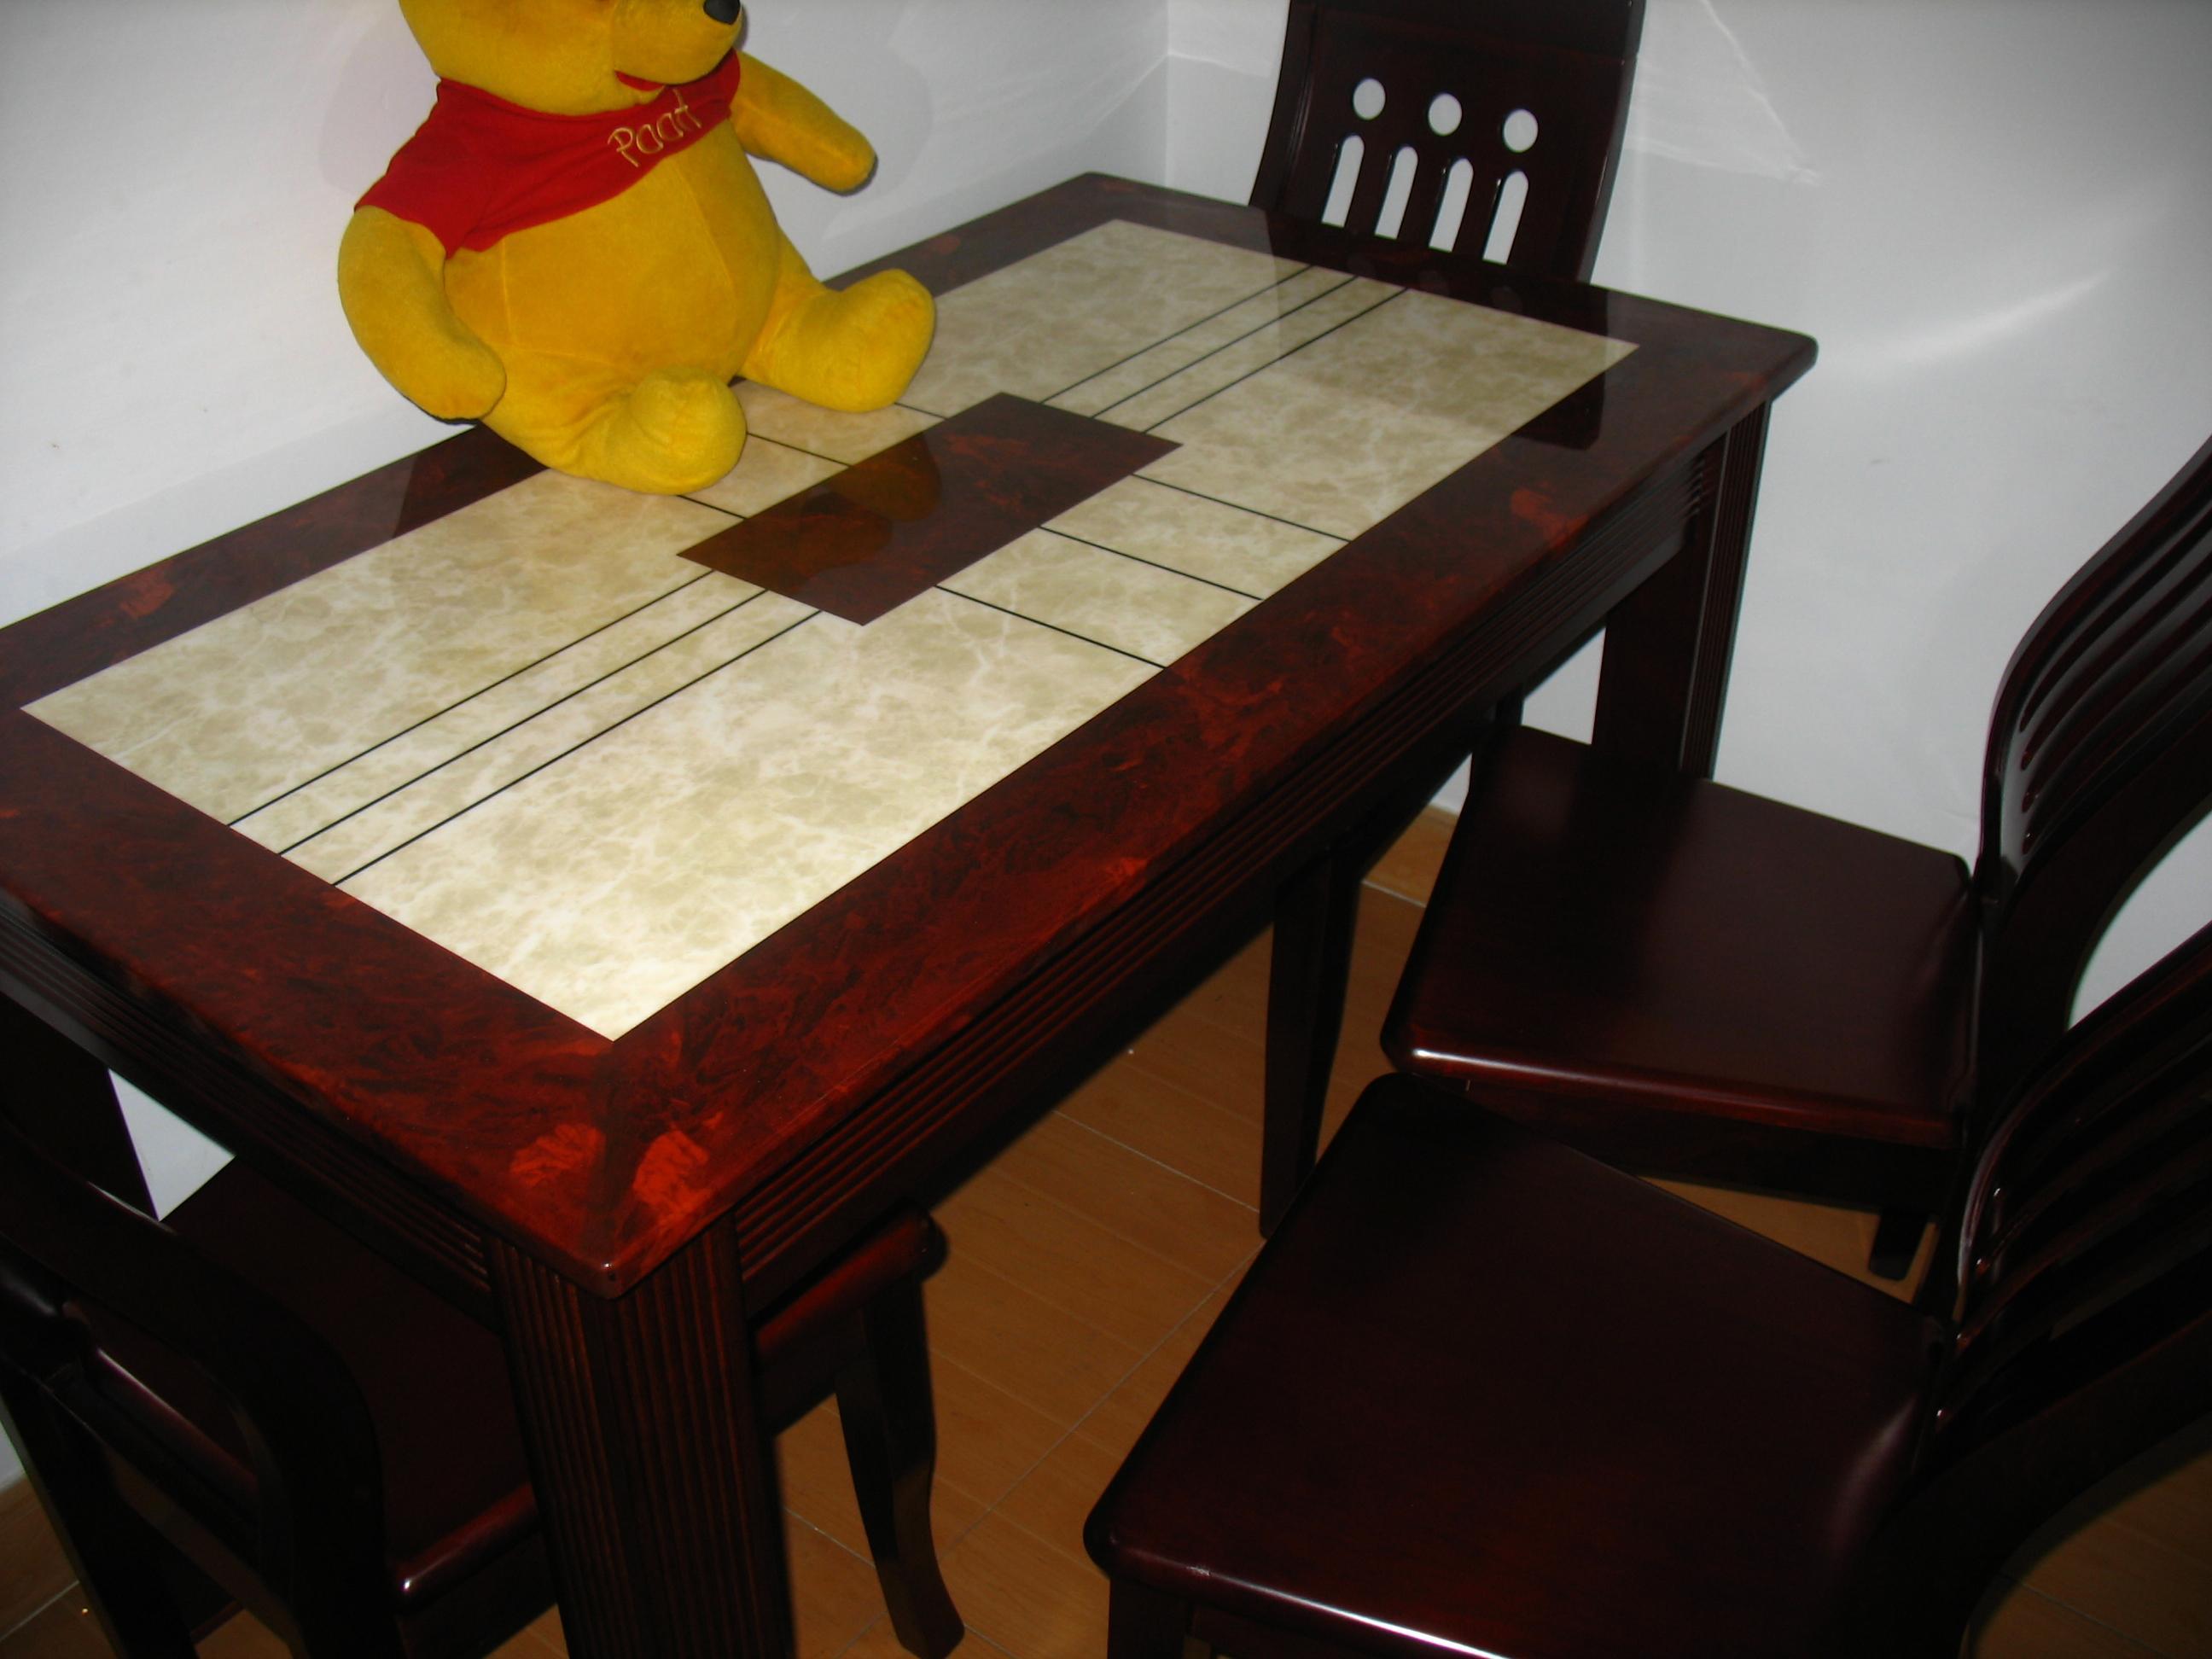 前几天买了个全新大理石餐桌,大理石桌面,很厚,一个人很难搬动,加4个实木的餐椅,超舒服,仿红木颜色。 刚买回家就后悔了,虽然我们都很喜欢这个餐桌的款式,但是客厅太小,餐桌太占地方,出入不方便,只能卖了换个小点的。 餐桌加4把餐椅,尺寸:长125cm×宽70cm×高75cm,原价1200元,现8折转让,欢迎上门看,上梅林汇龙花园,不负责送货。 有意者请悄悄,或者QQ:20111958 提示:一定要量好尺寸再做决定。